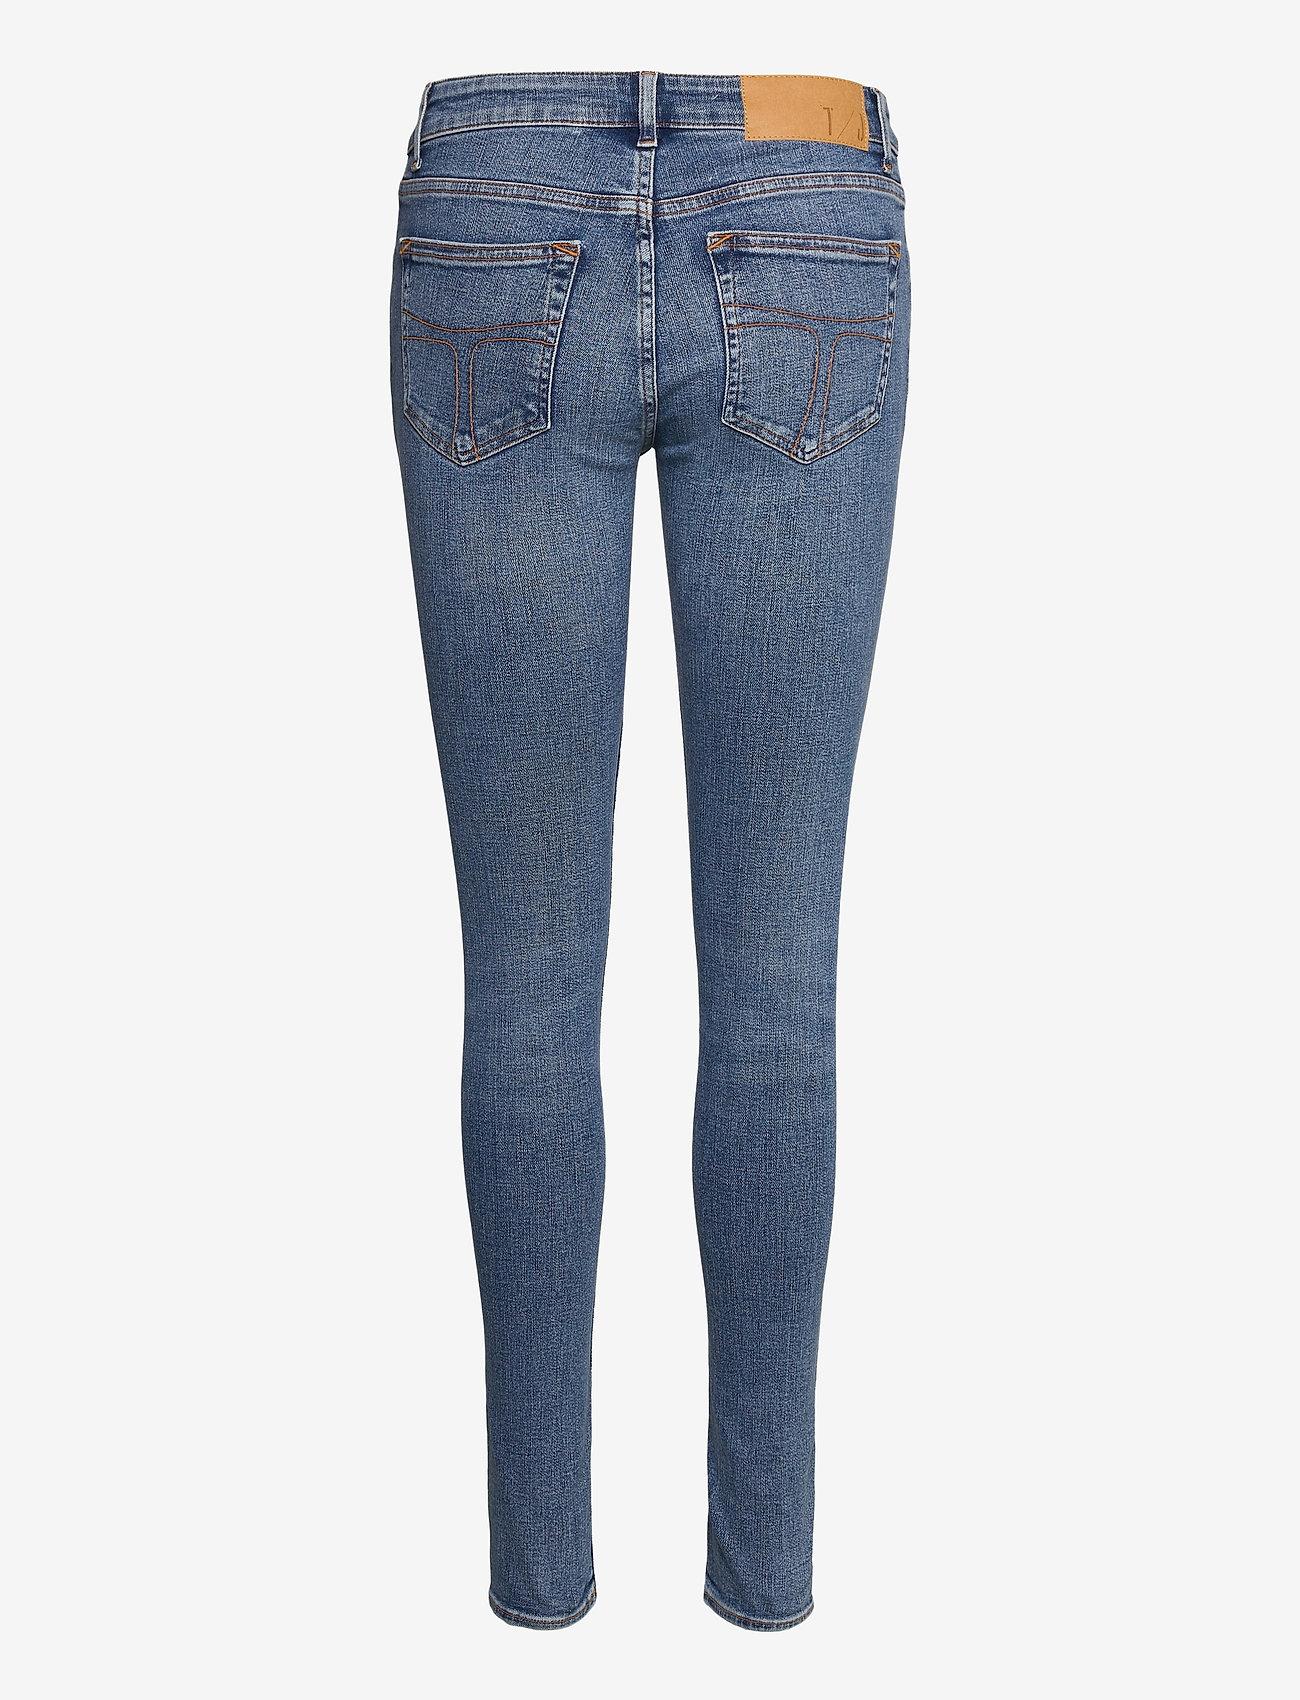 Tiger of Sweden Jeans - SLIGHT - slim jeans - dust blue - 1